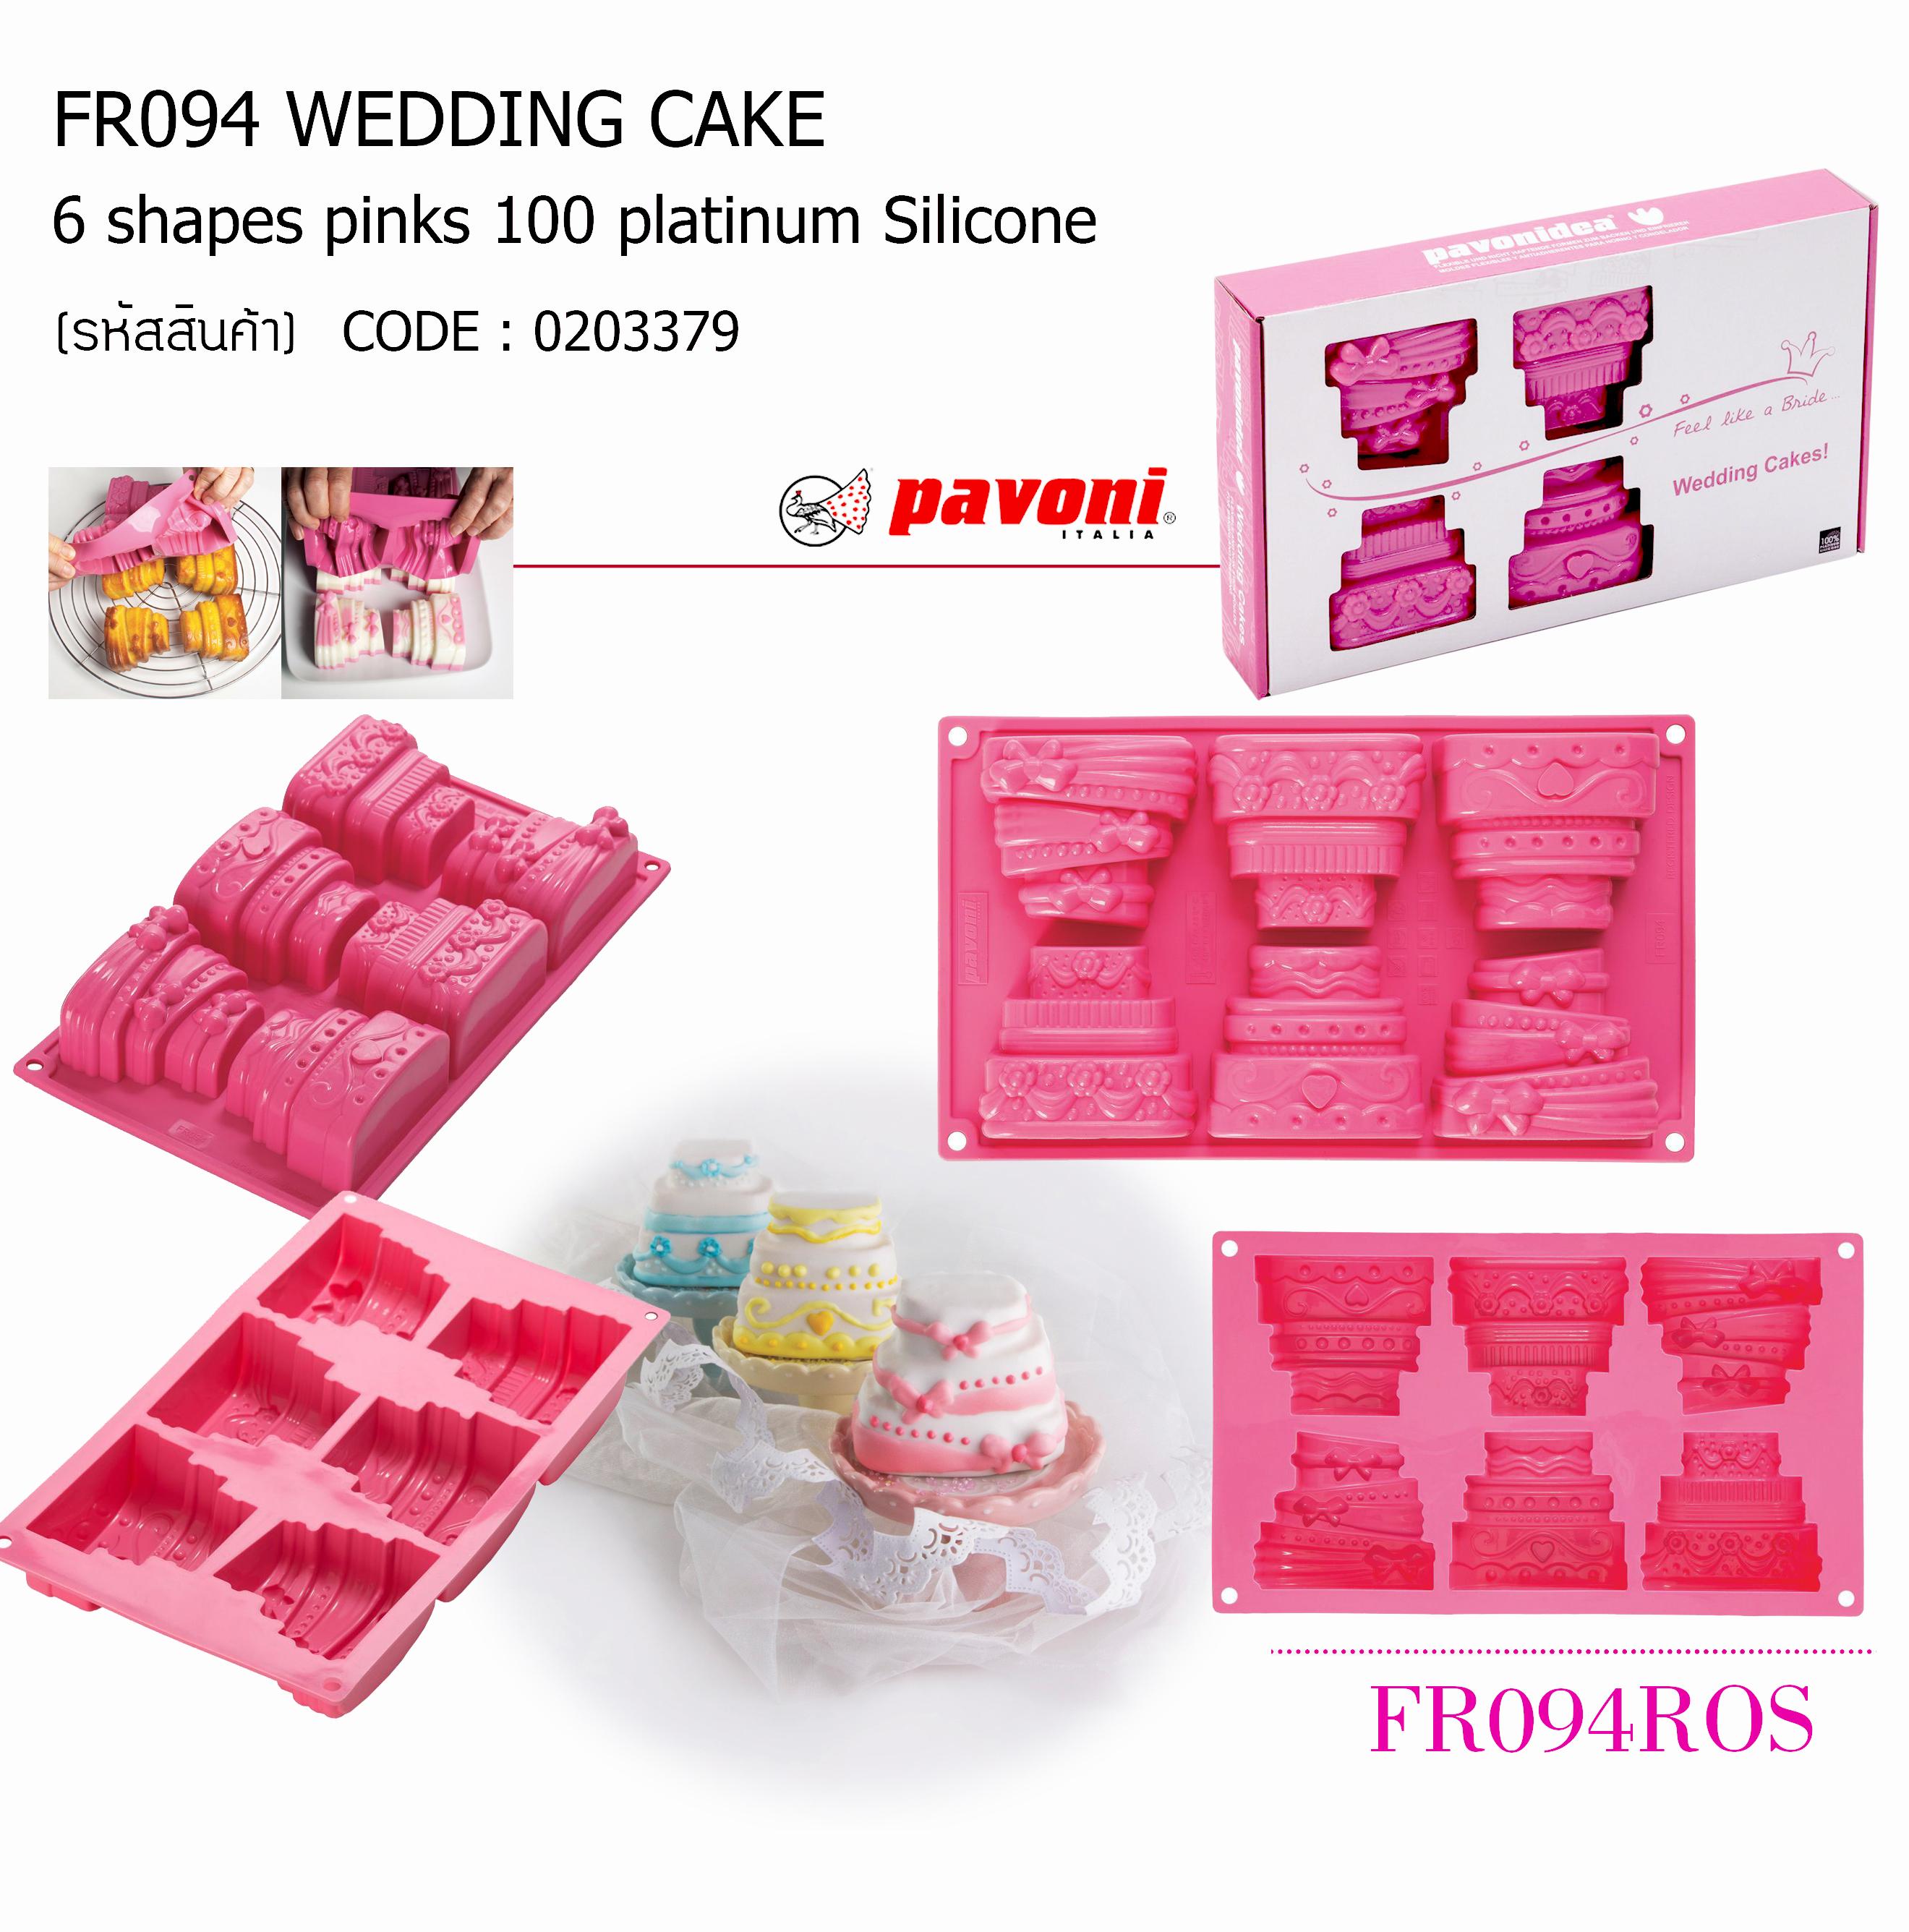 FR094 Wedding Cake 6 shapes pinks 100 platinum Silicone